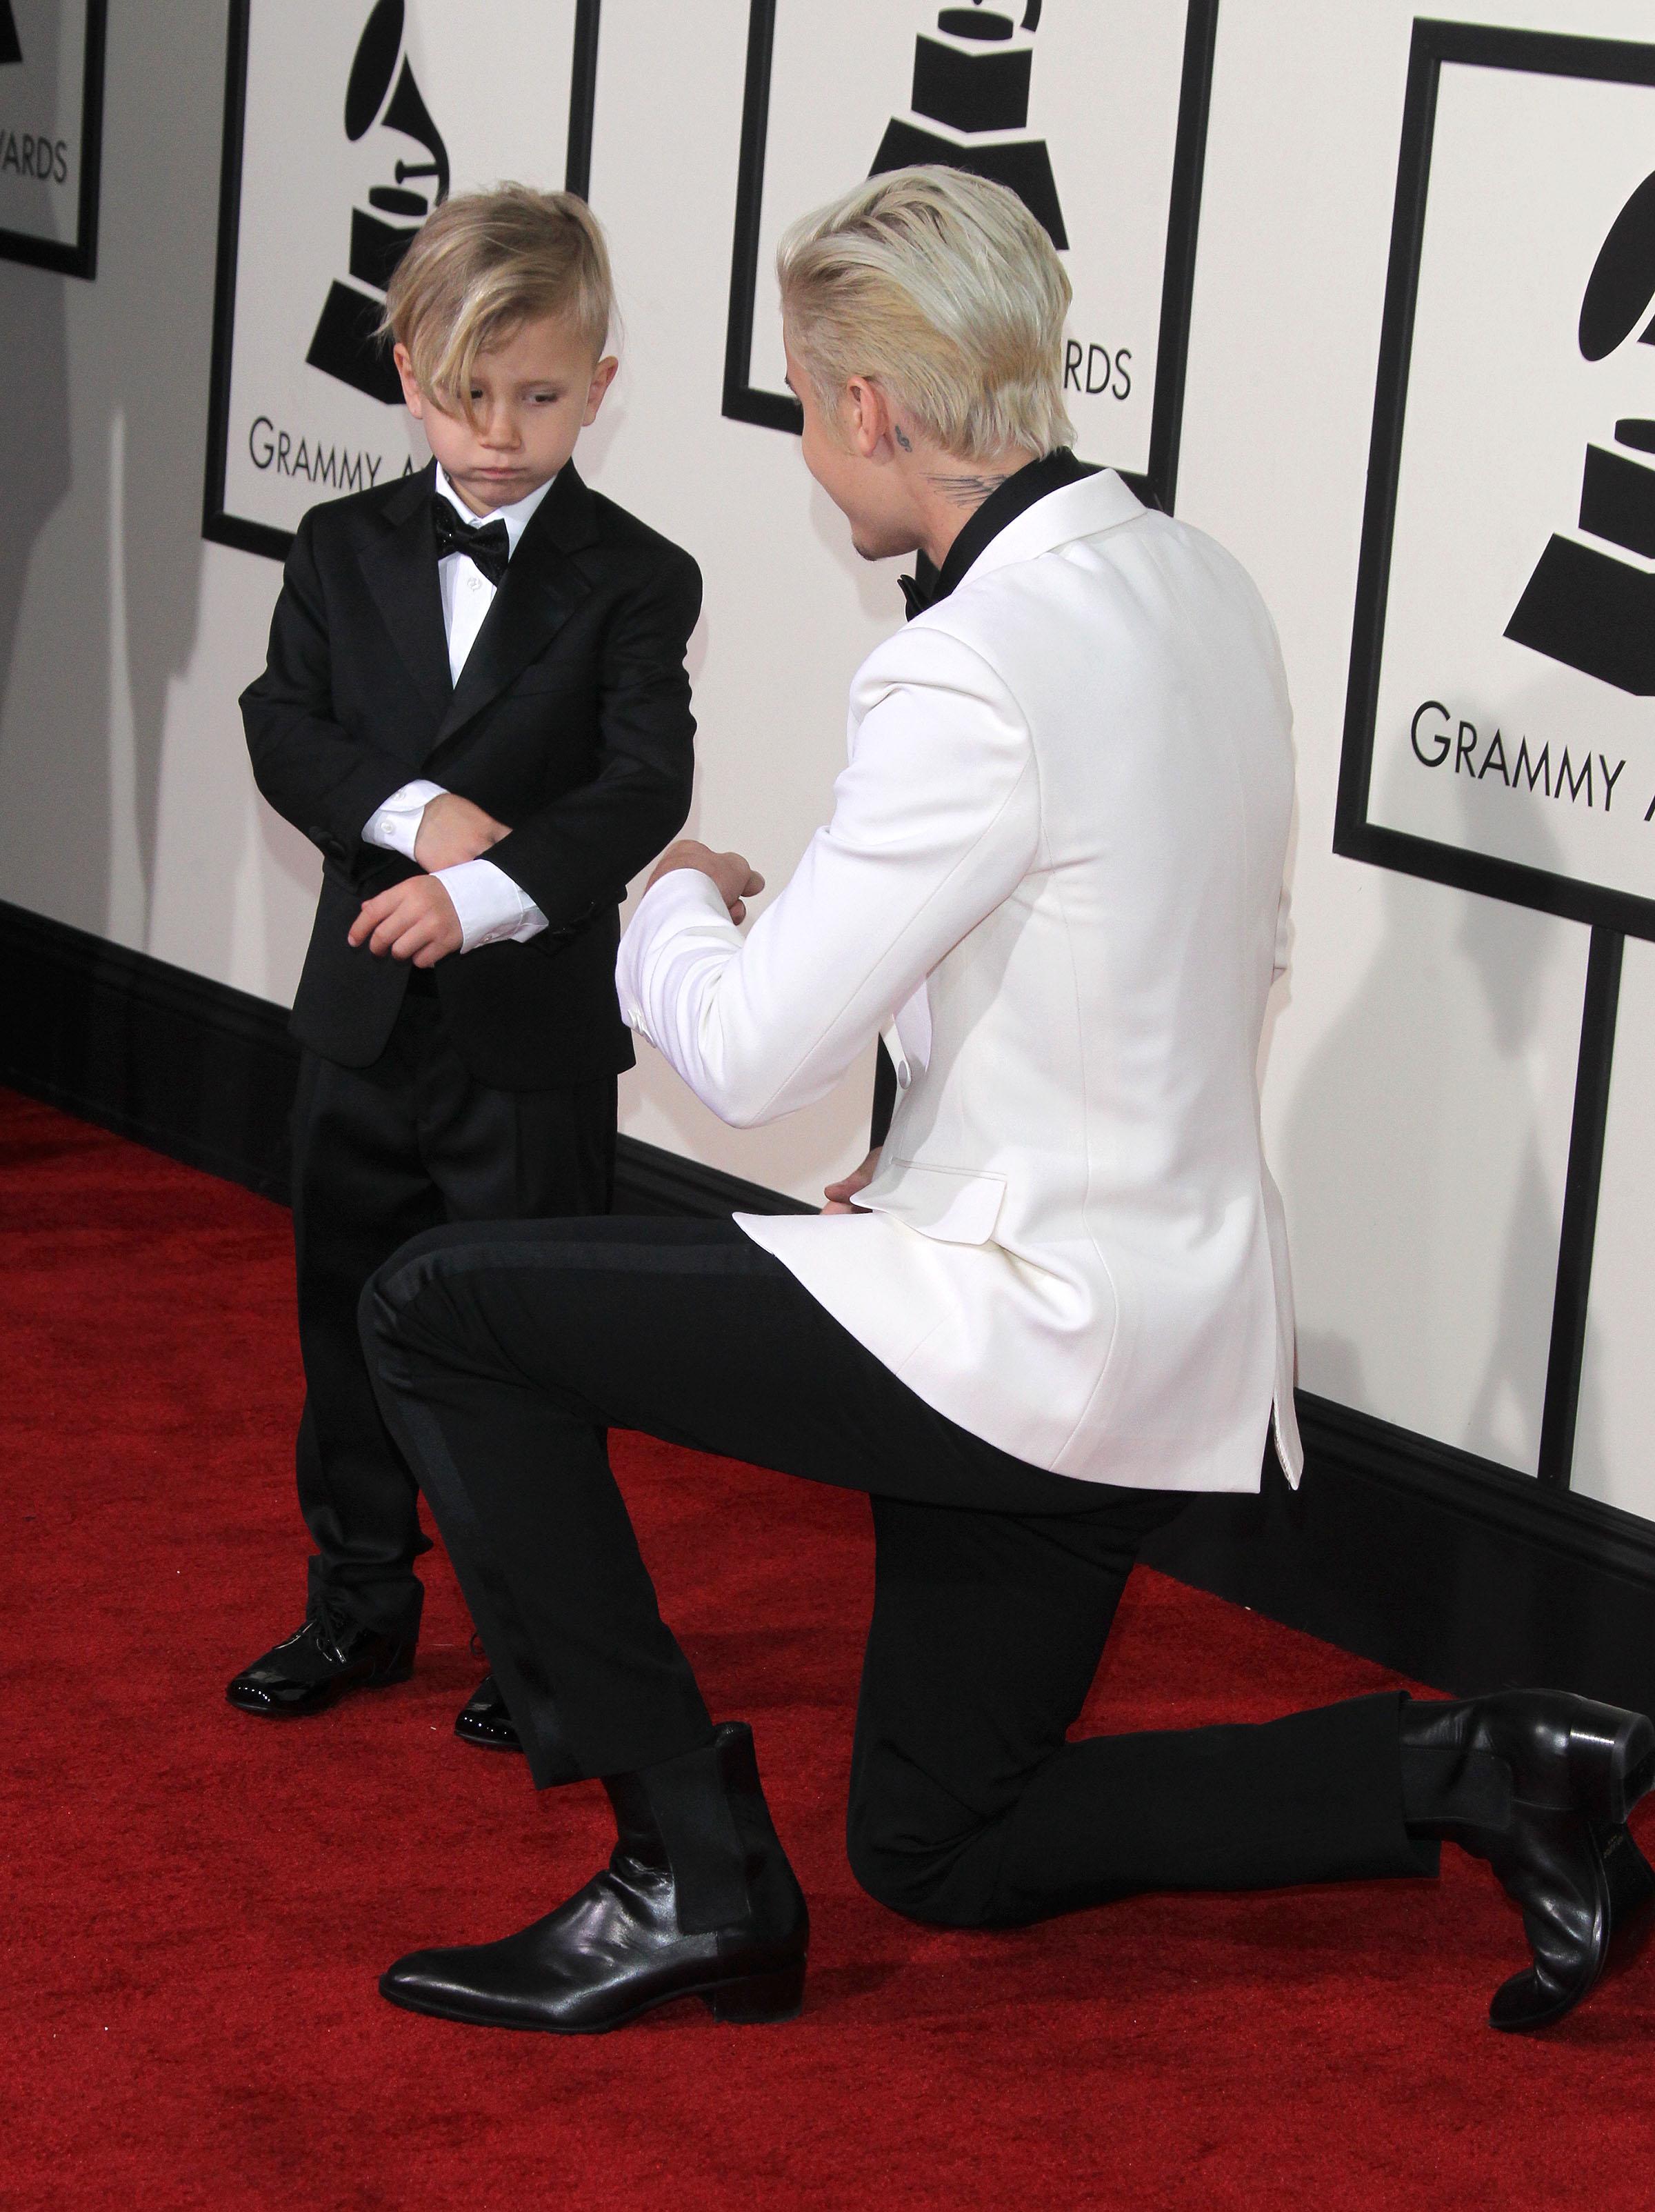 Justin Bieber S Brother Jaxon Bieber Inside His Plan For Fame